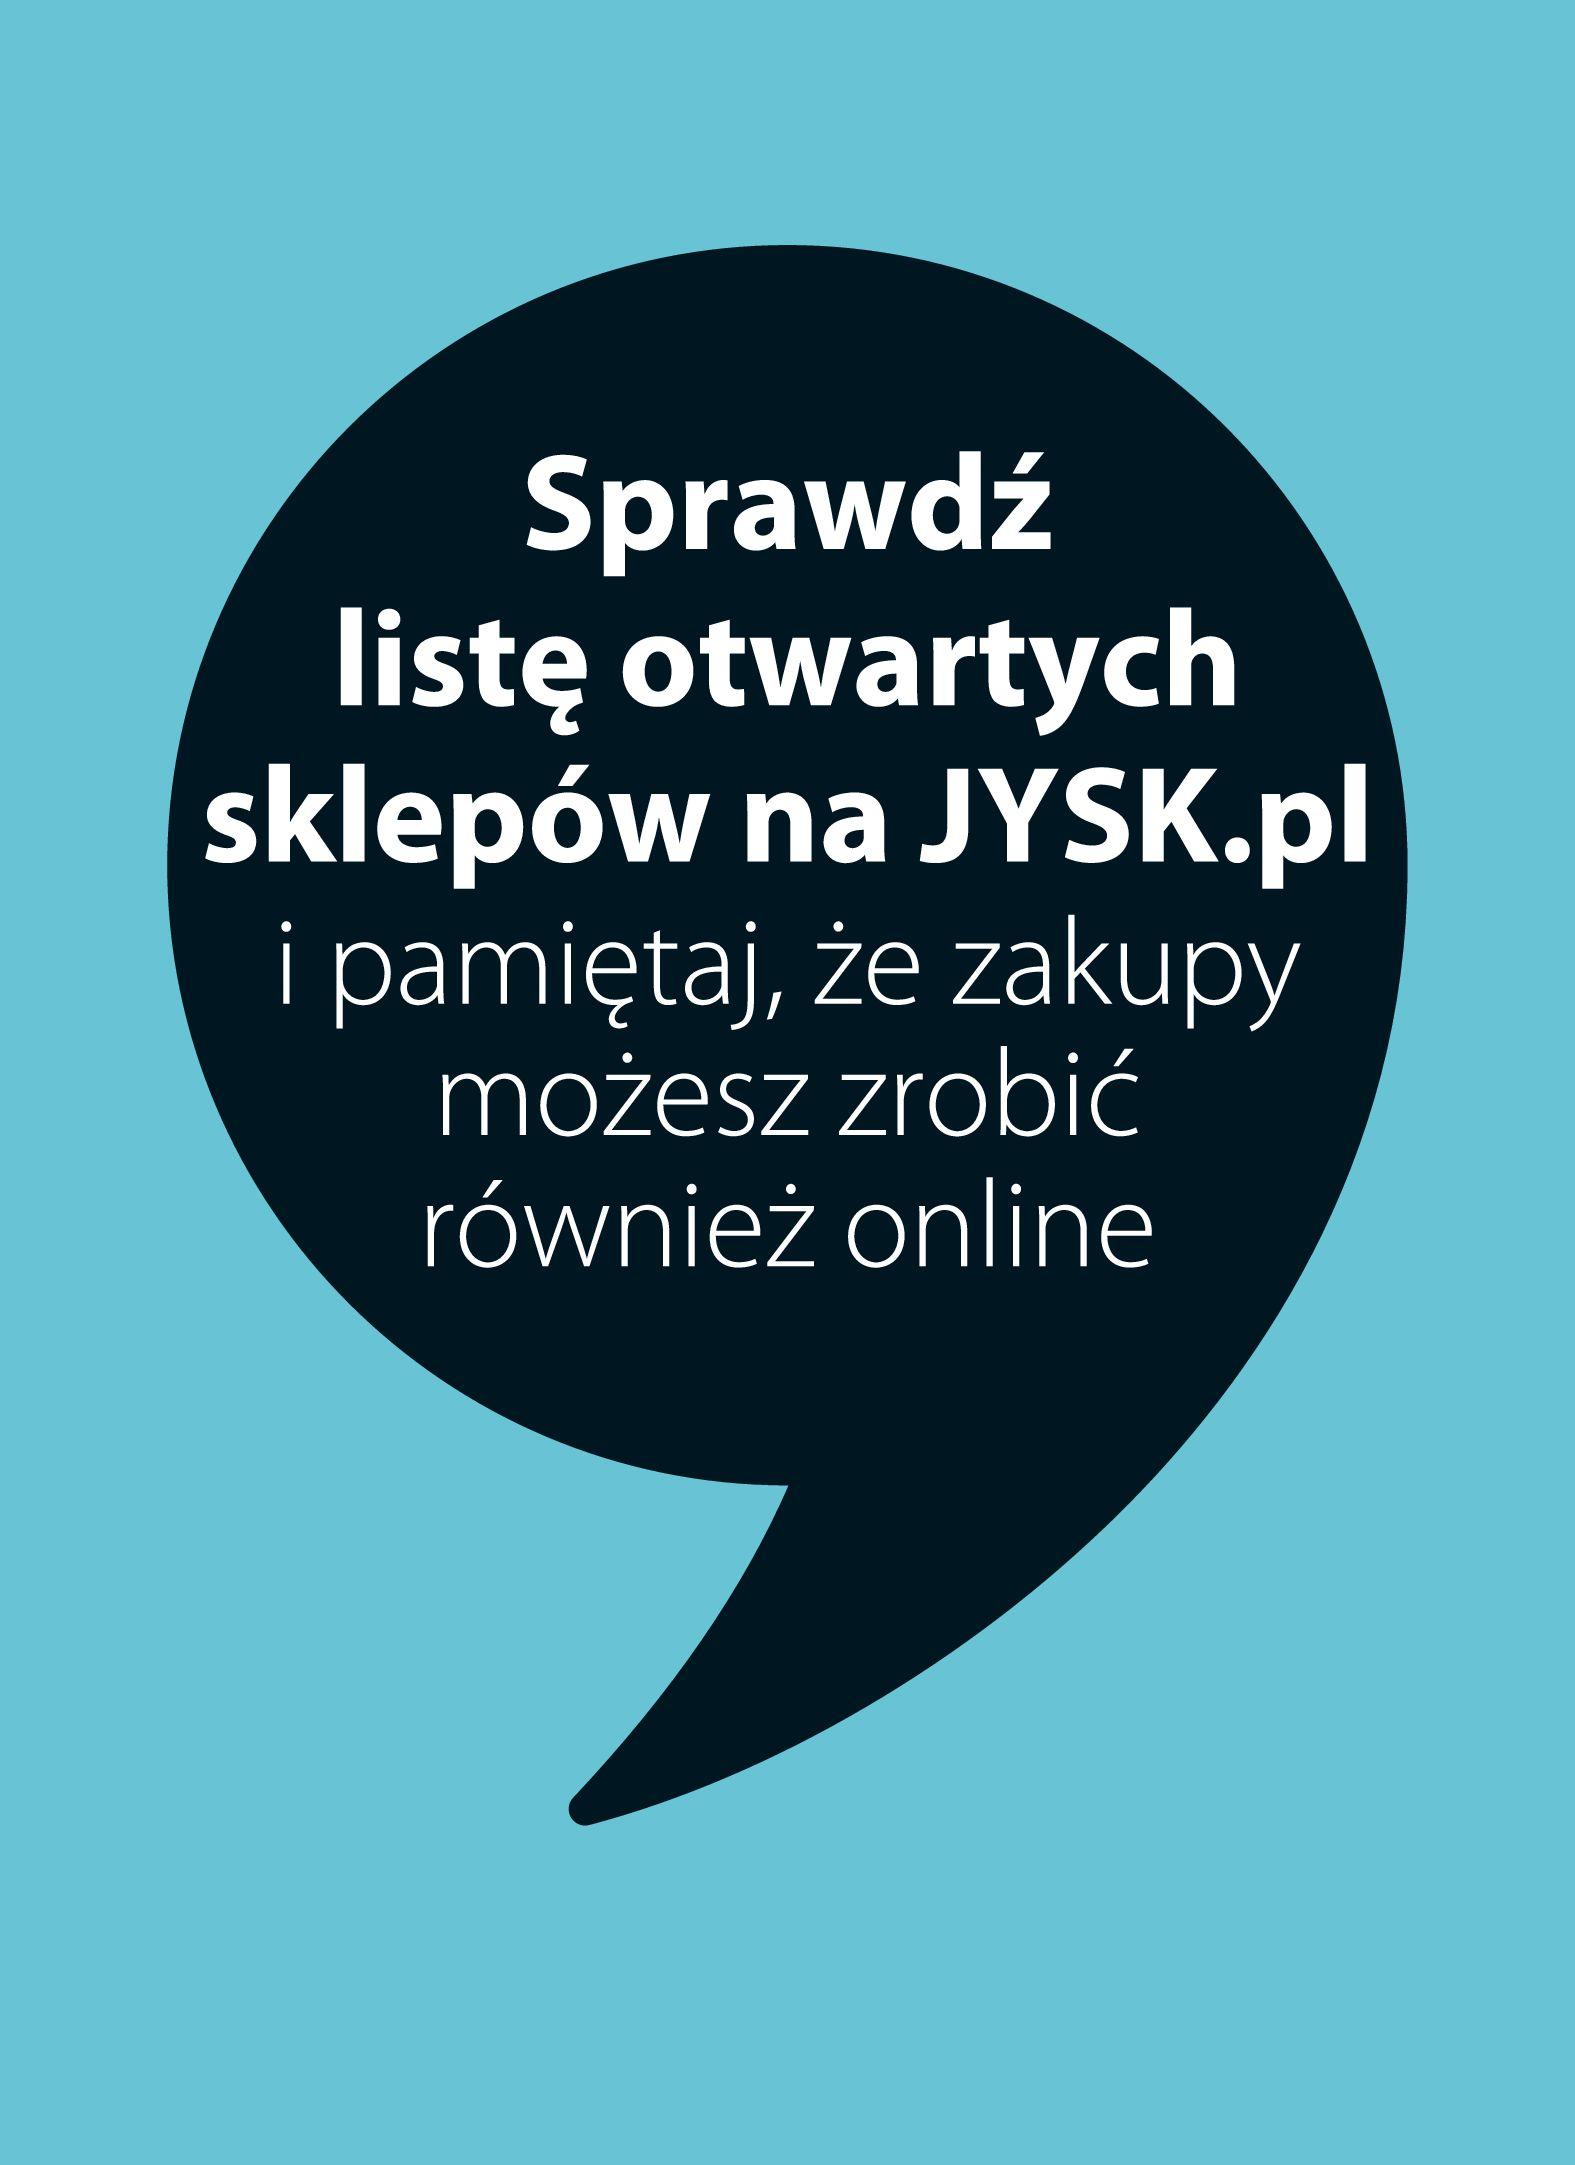 Jysk:  Gazetka promocyjna od 14.04 13.04.2021